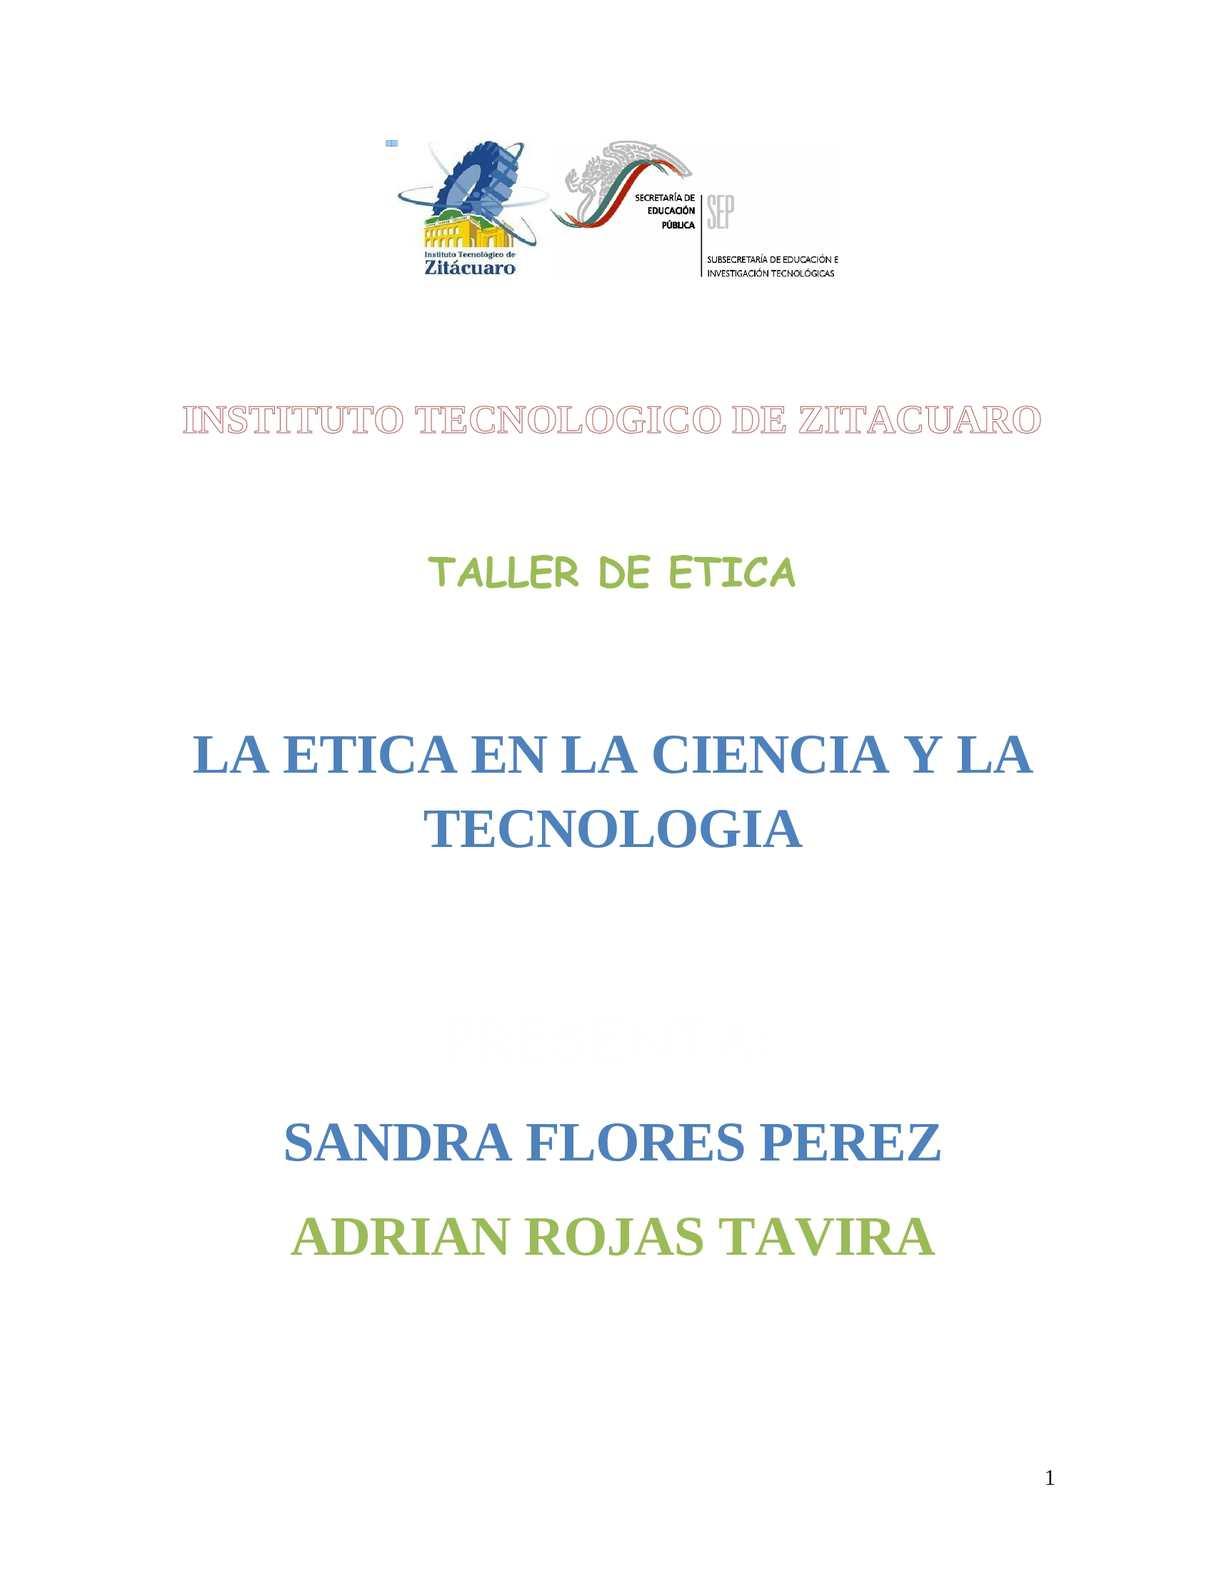 ENSAYO COMPLETO DE LA ETICA EN LA CIENCIA Y LA TECNOLOGIA